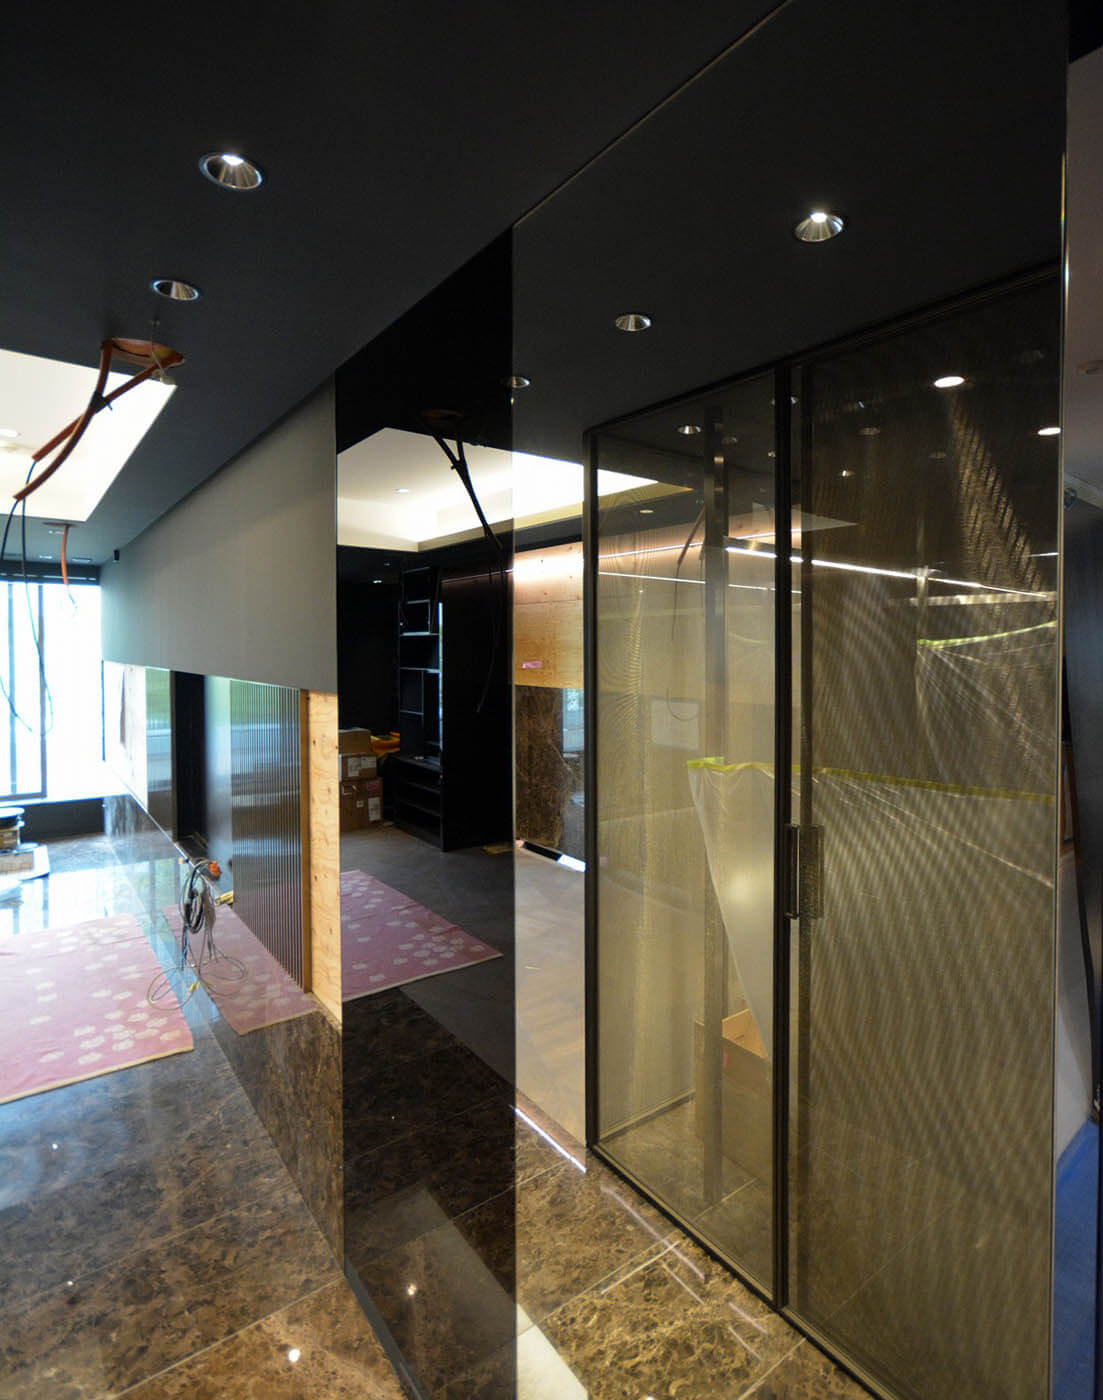 ミラーとカラーガラスと大理石の腰壁とテレビを組み込んだ主寝室の壁デザイン